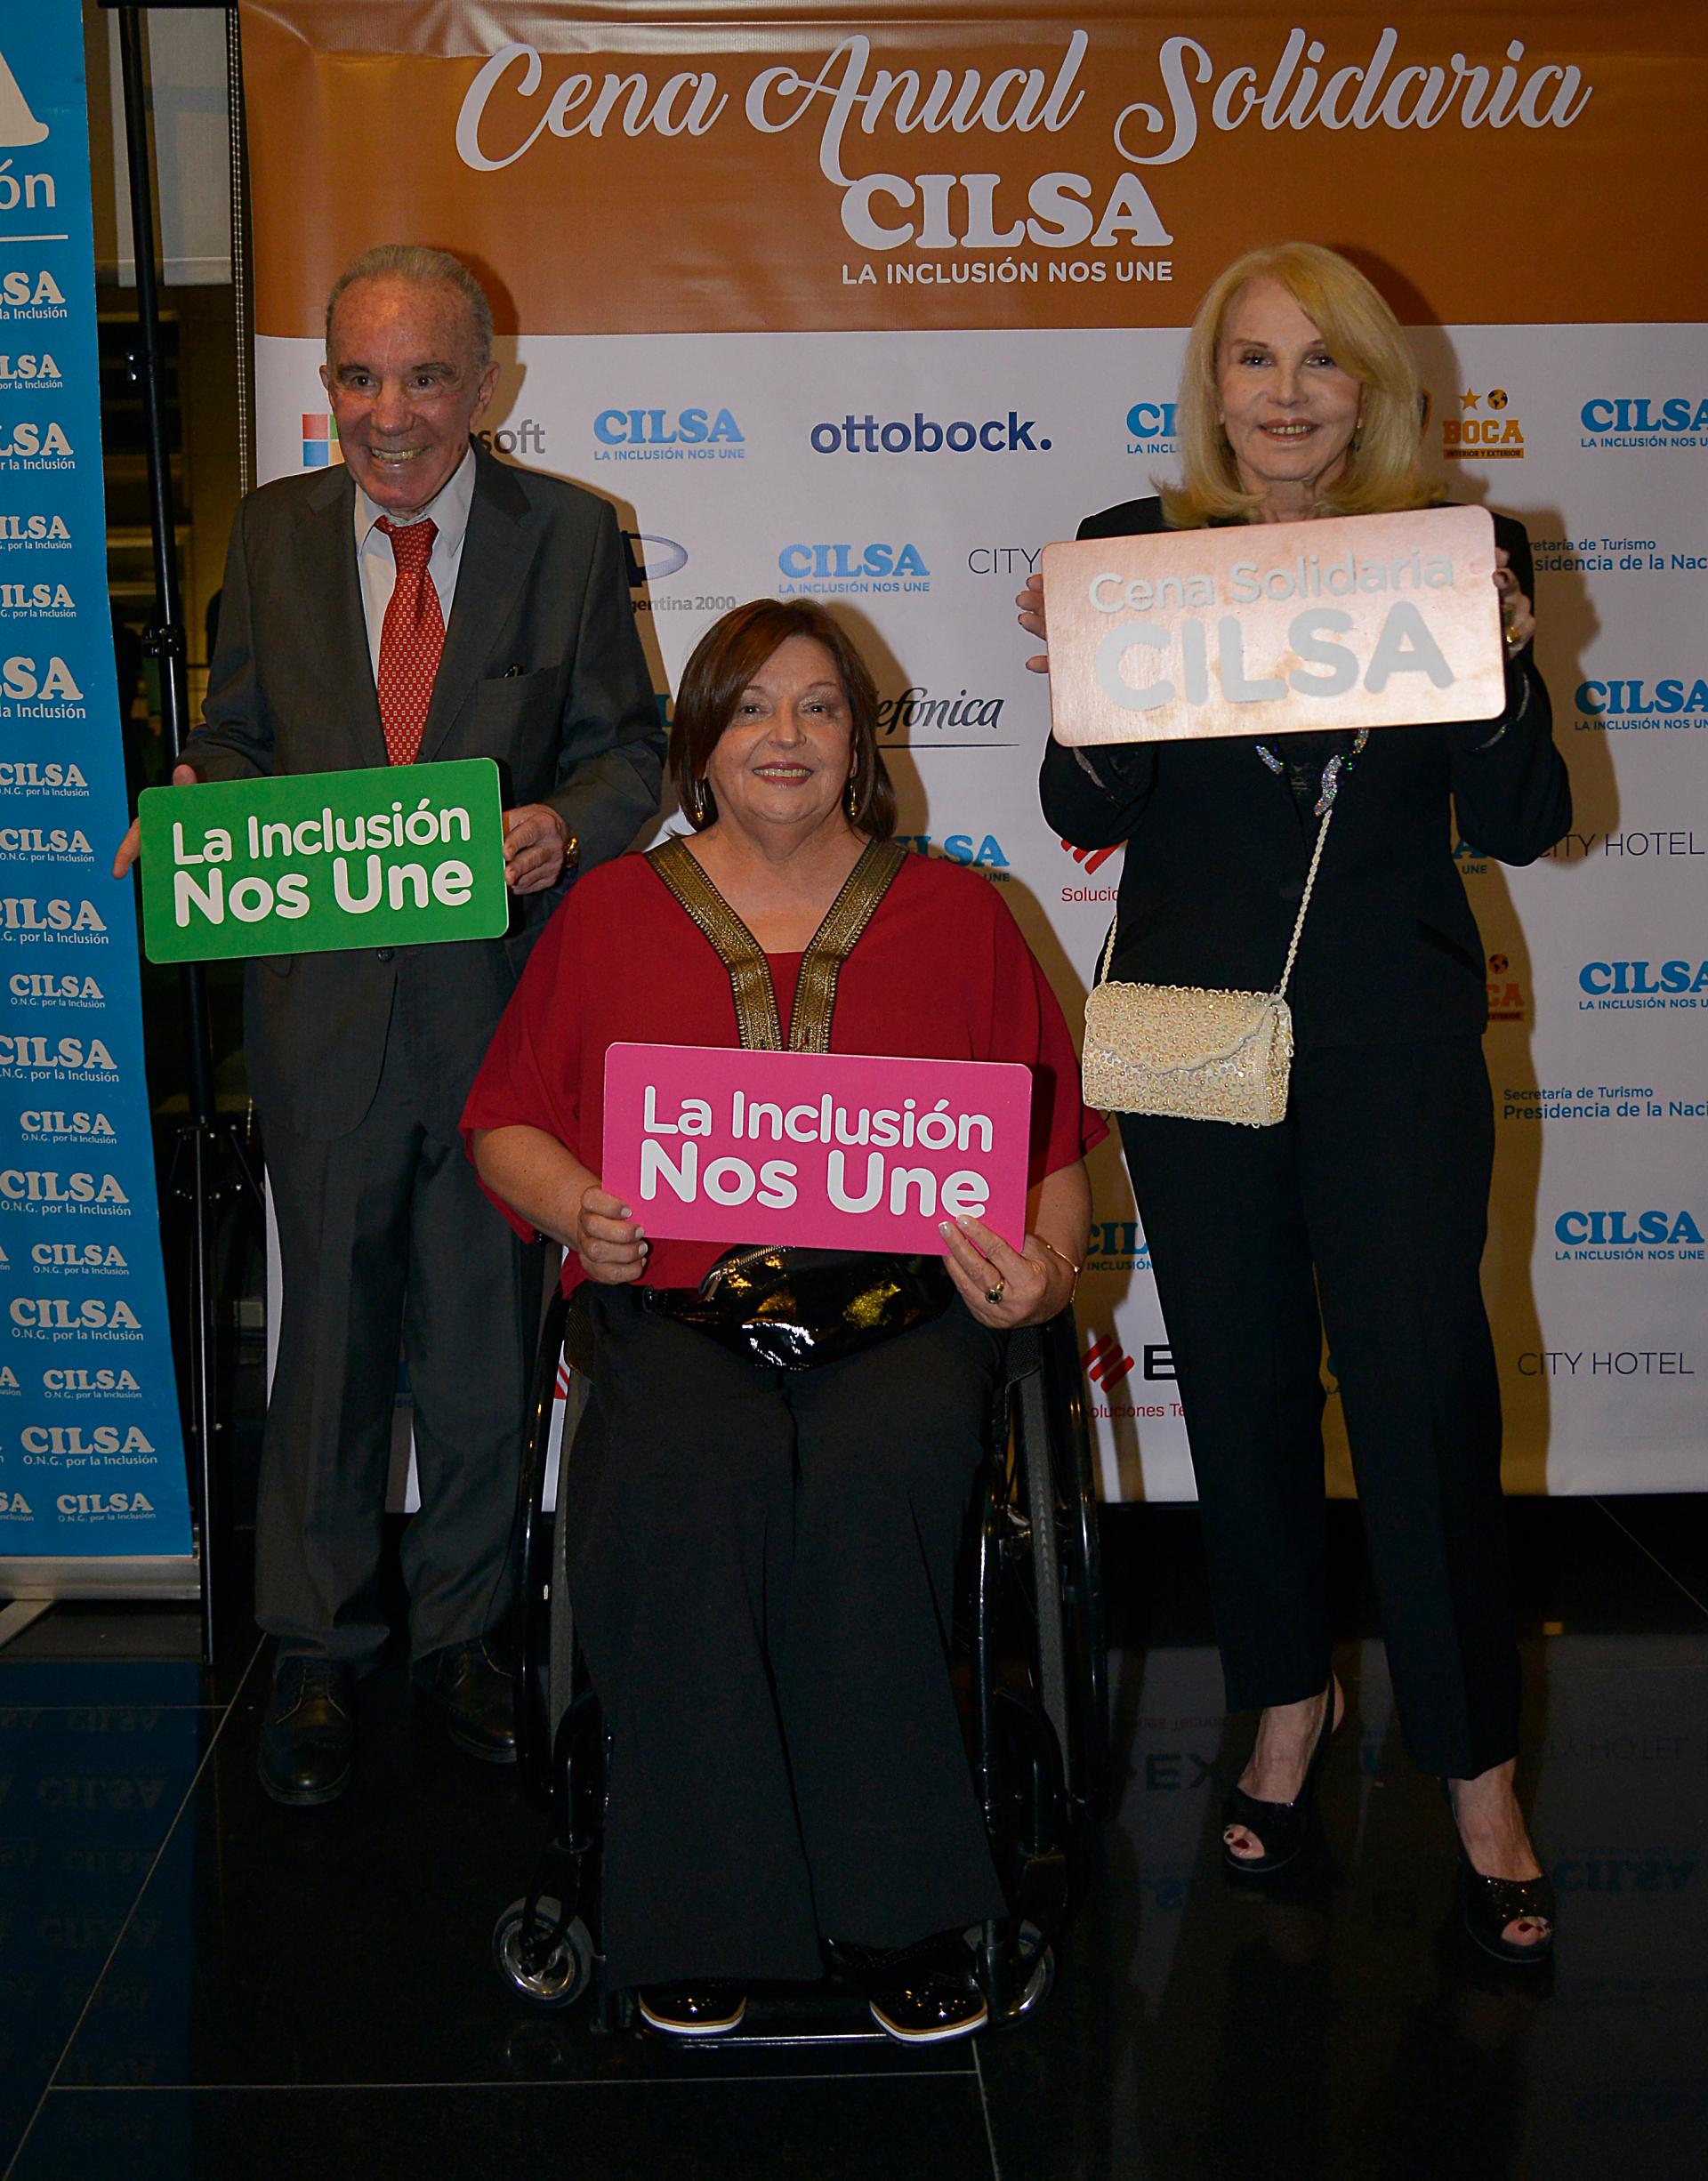 El Dr Alfredo Cahe y Cristina del Valle junto a Silvia Carranza